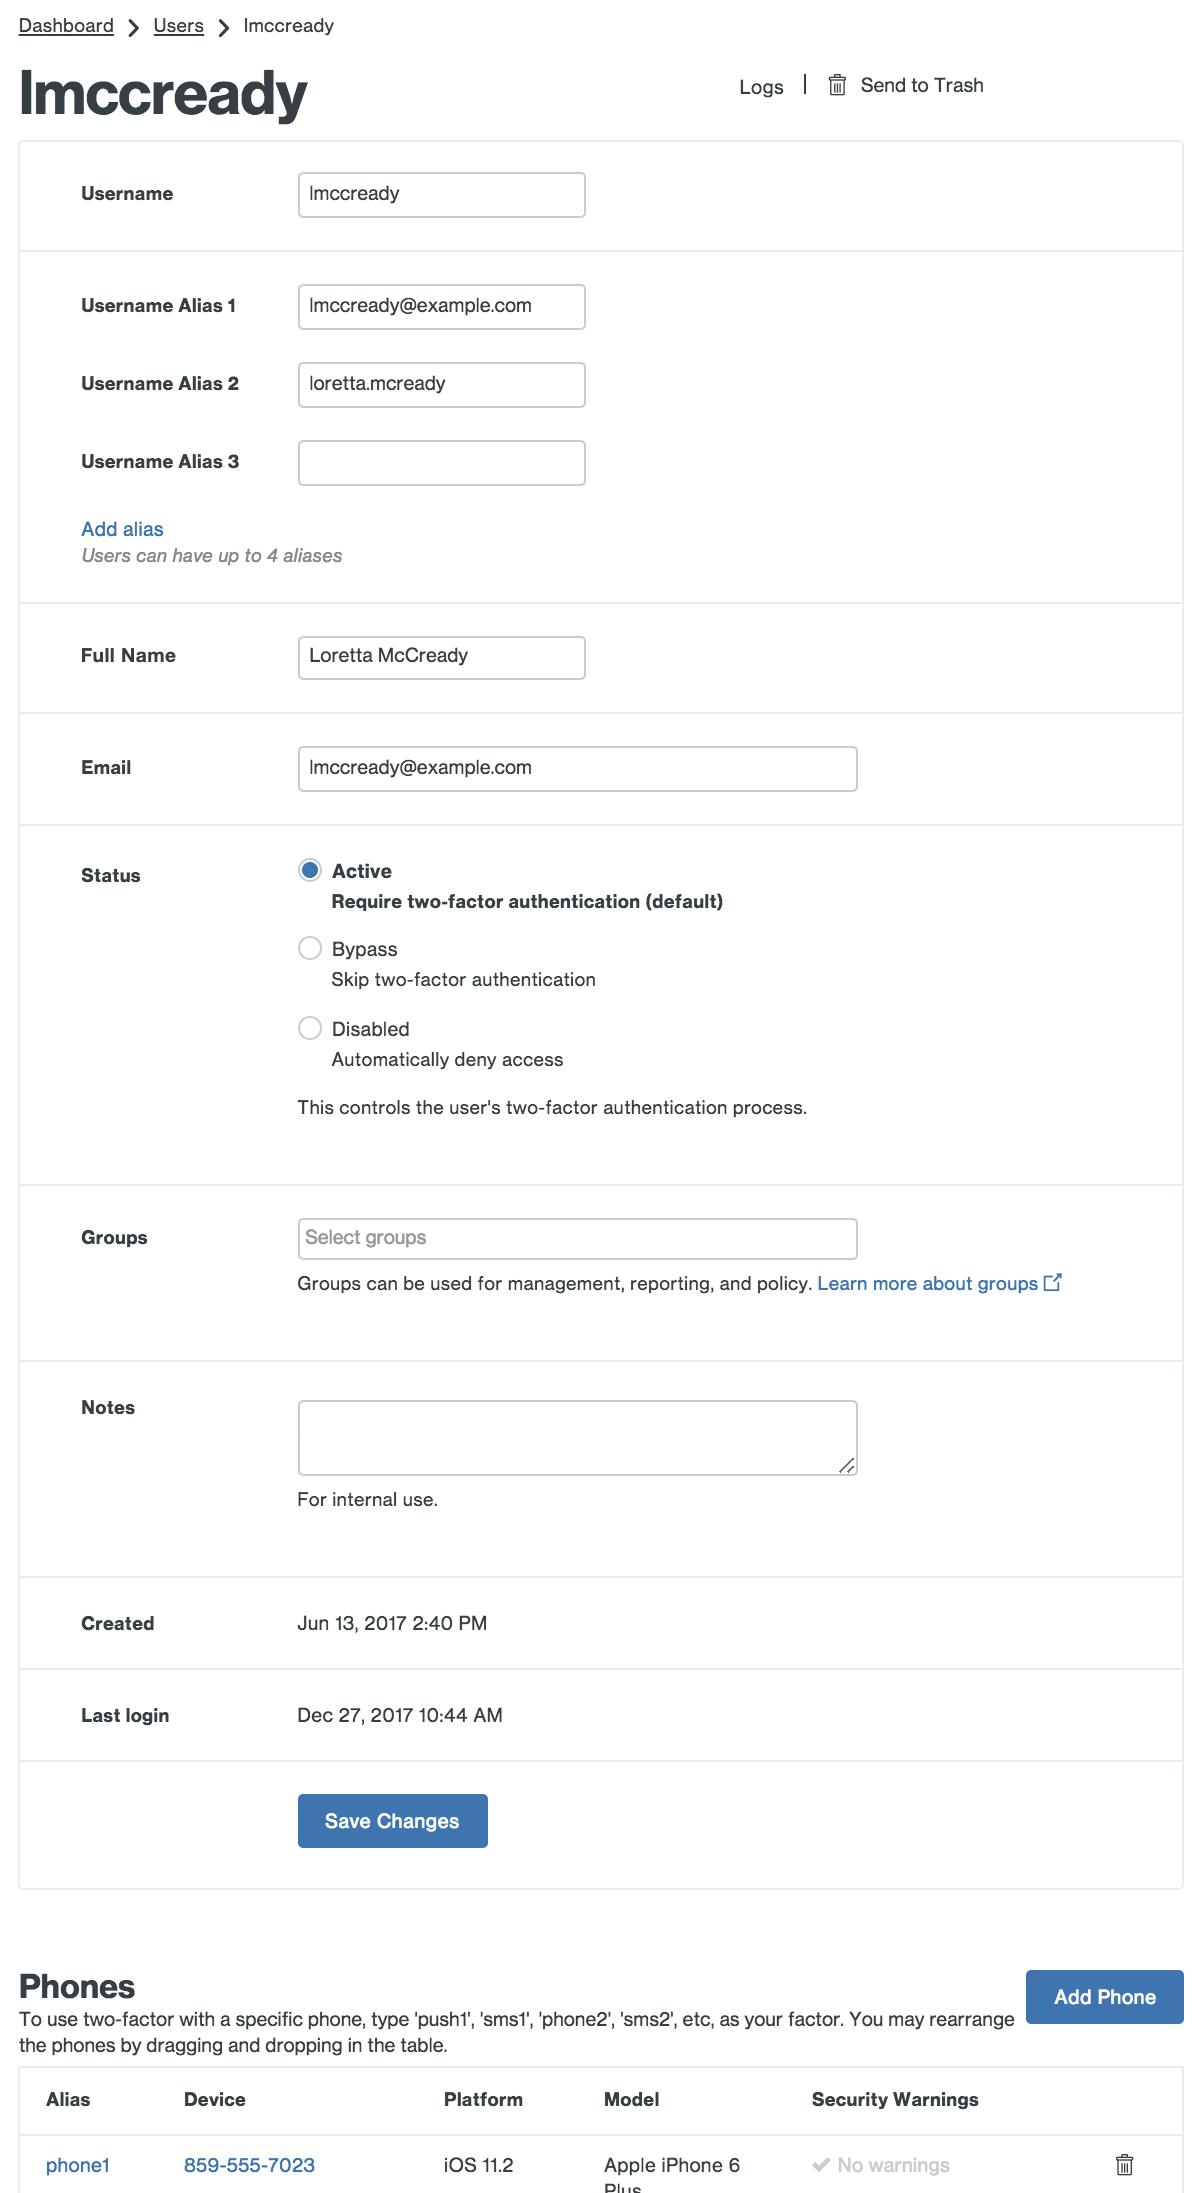 Duo Admin - Managing Users | Duo Security